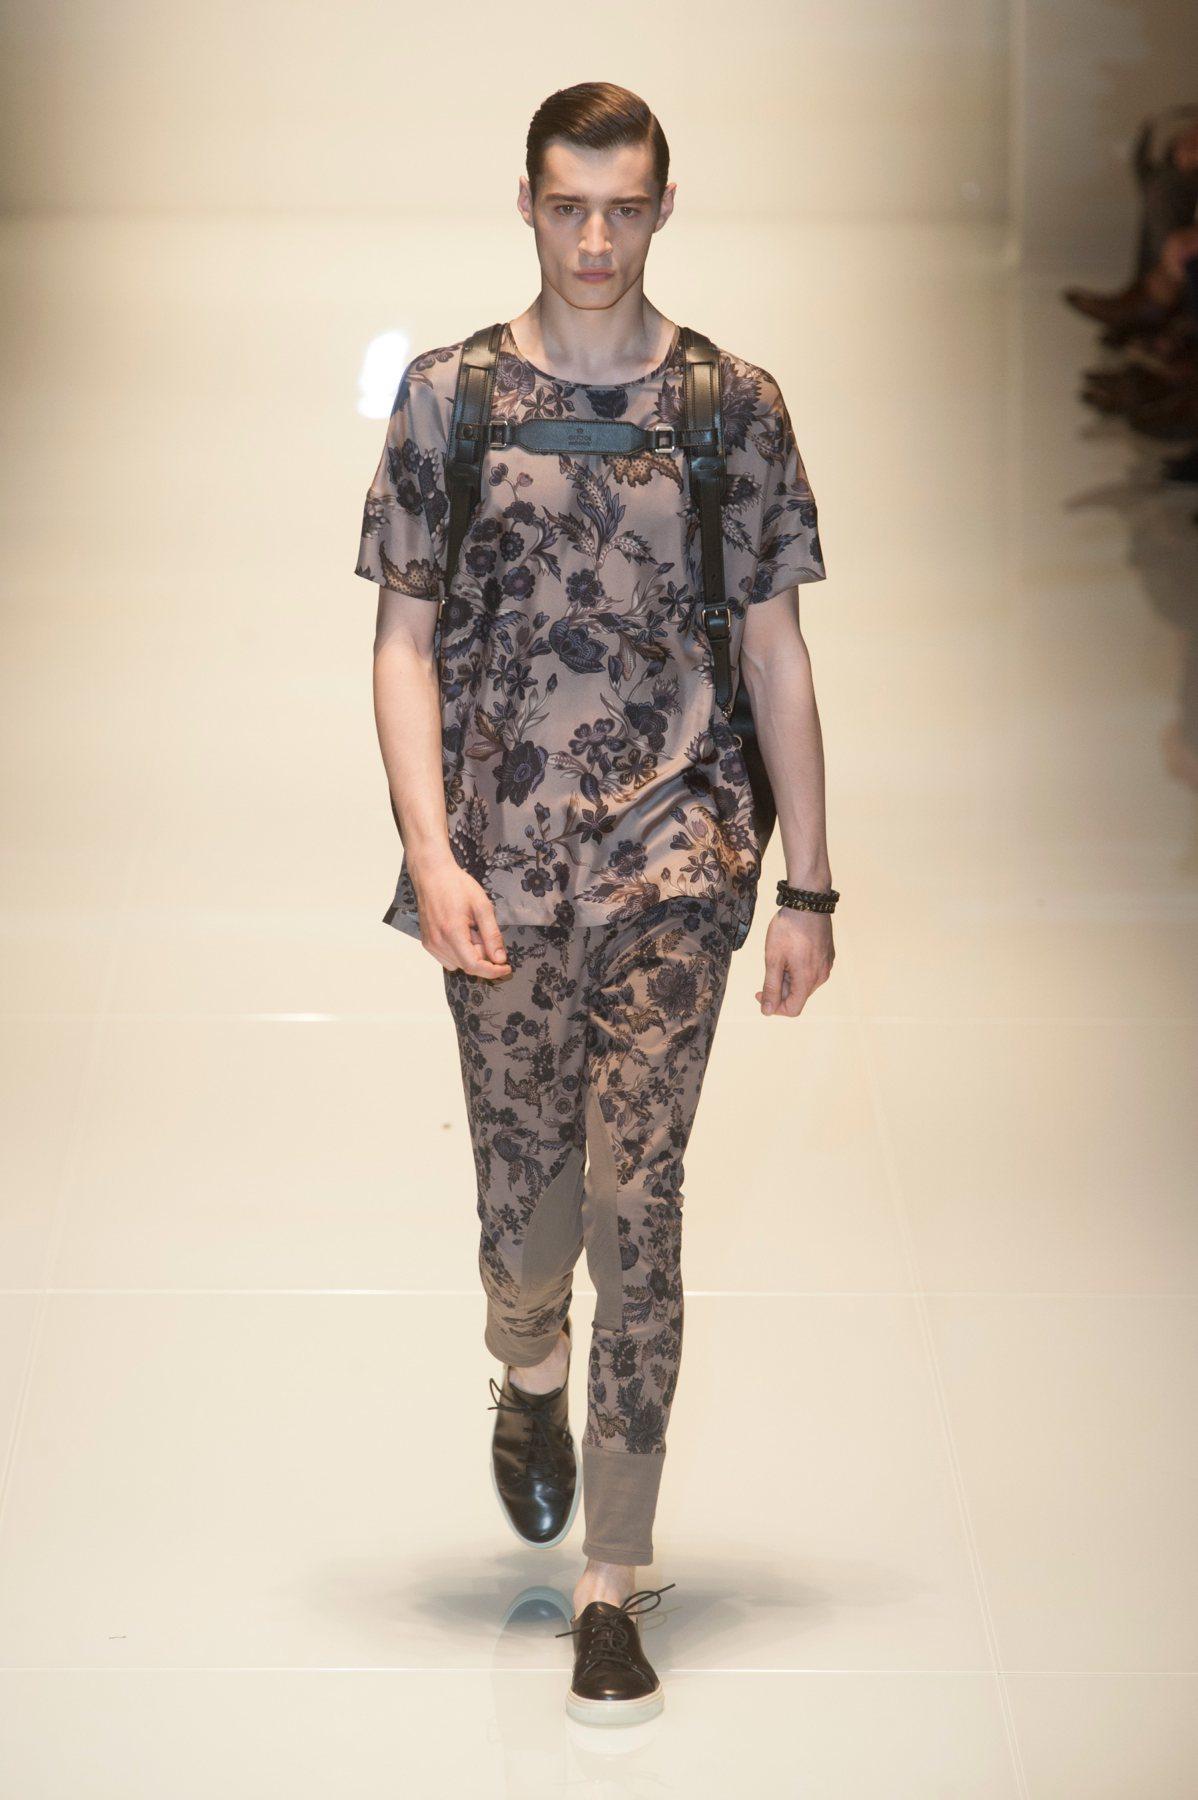 Florais e sportswear são as apostas da Gucci para o verão 2014